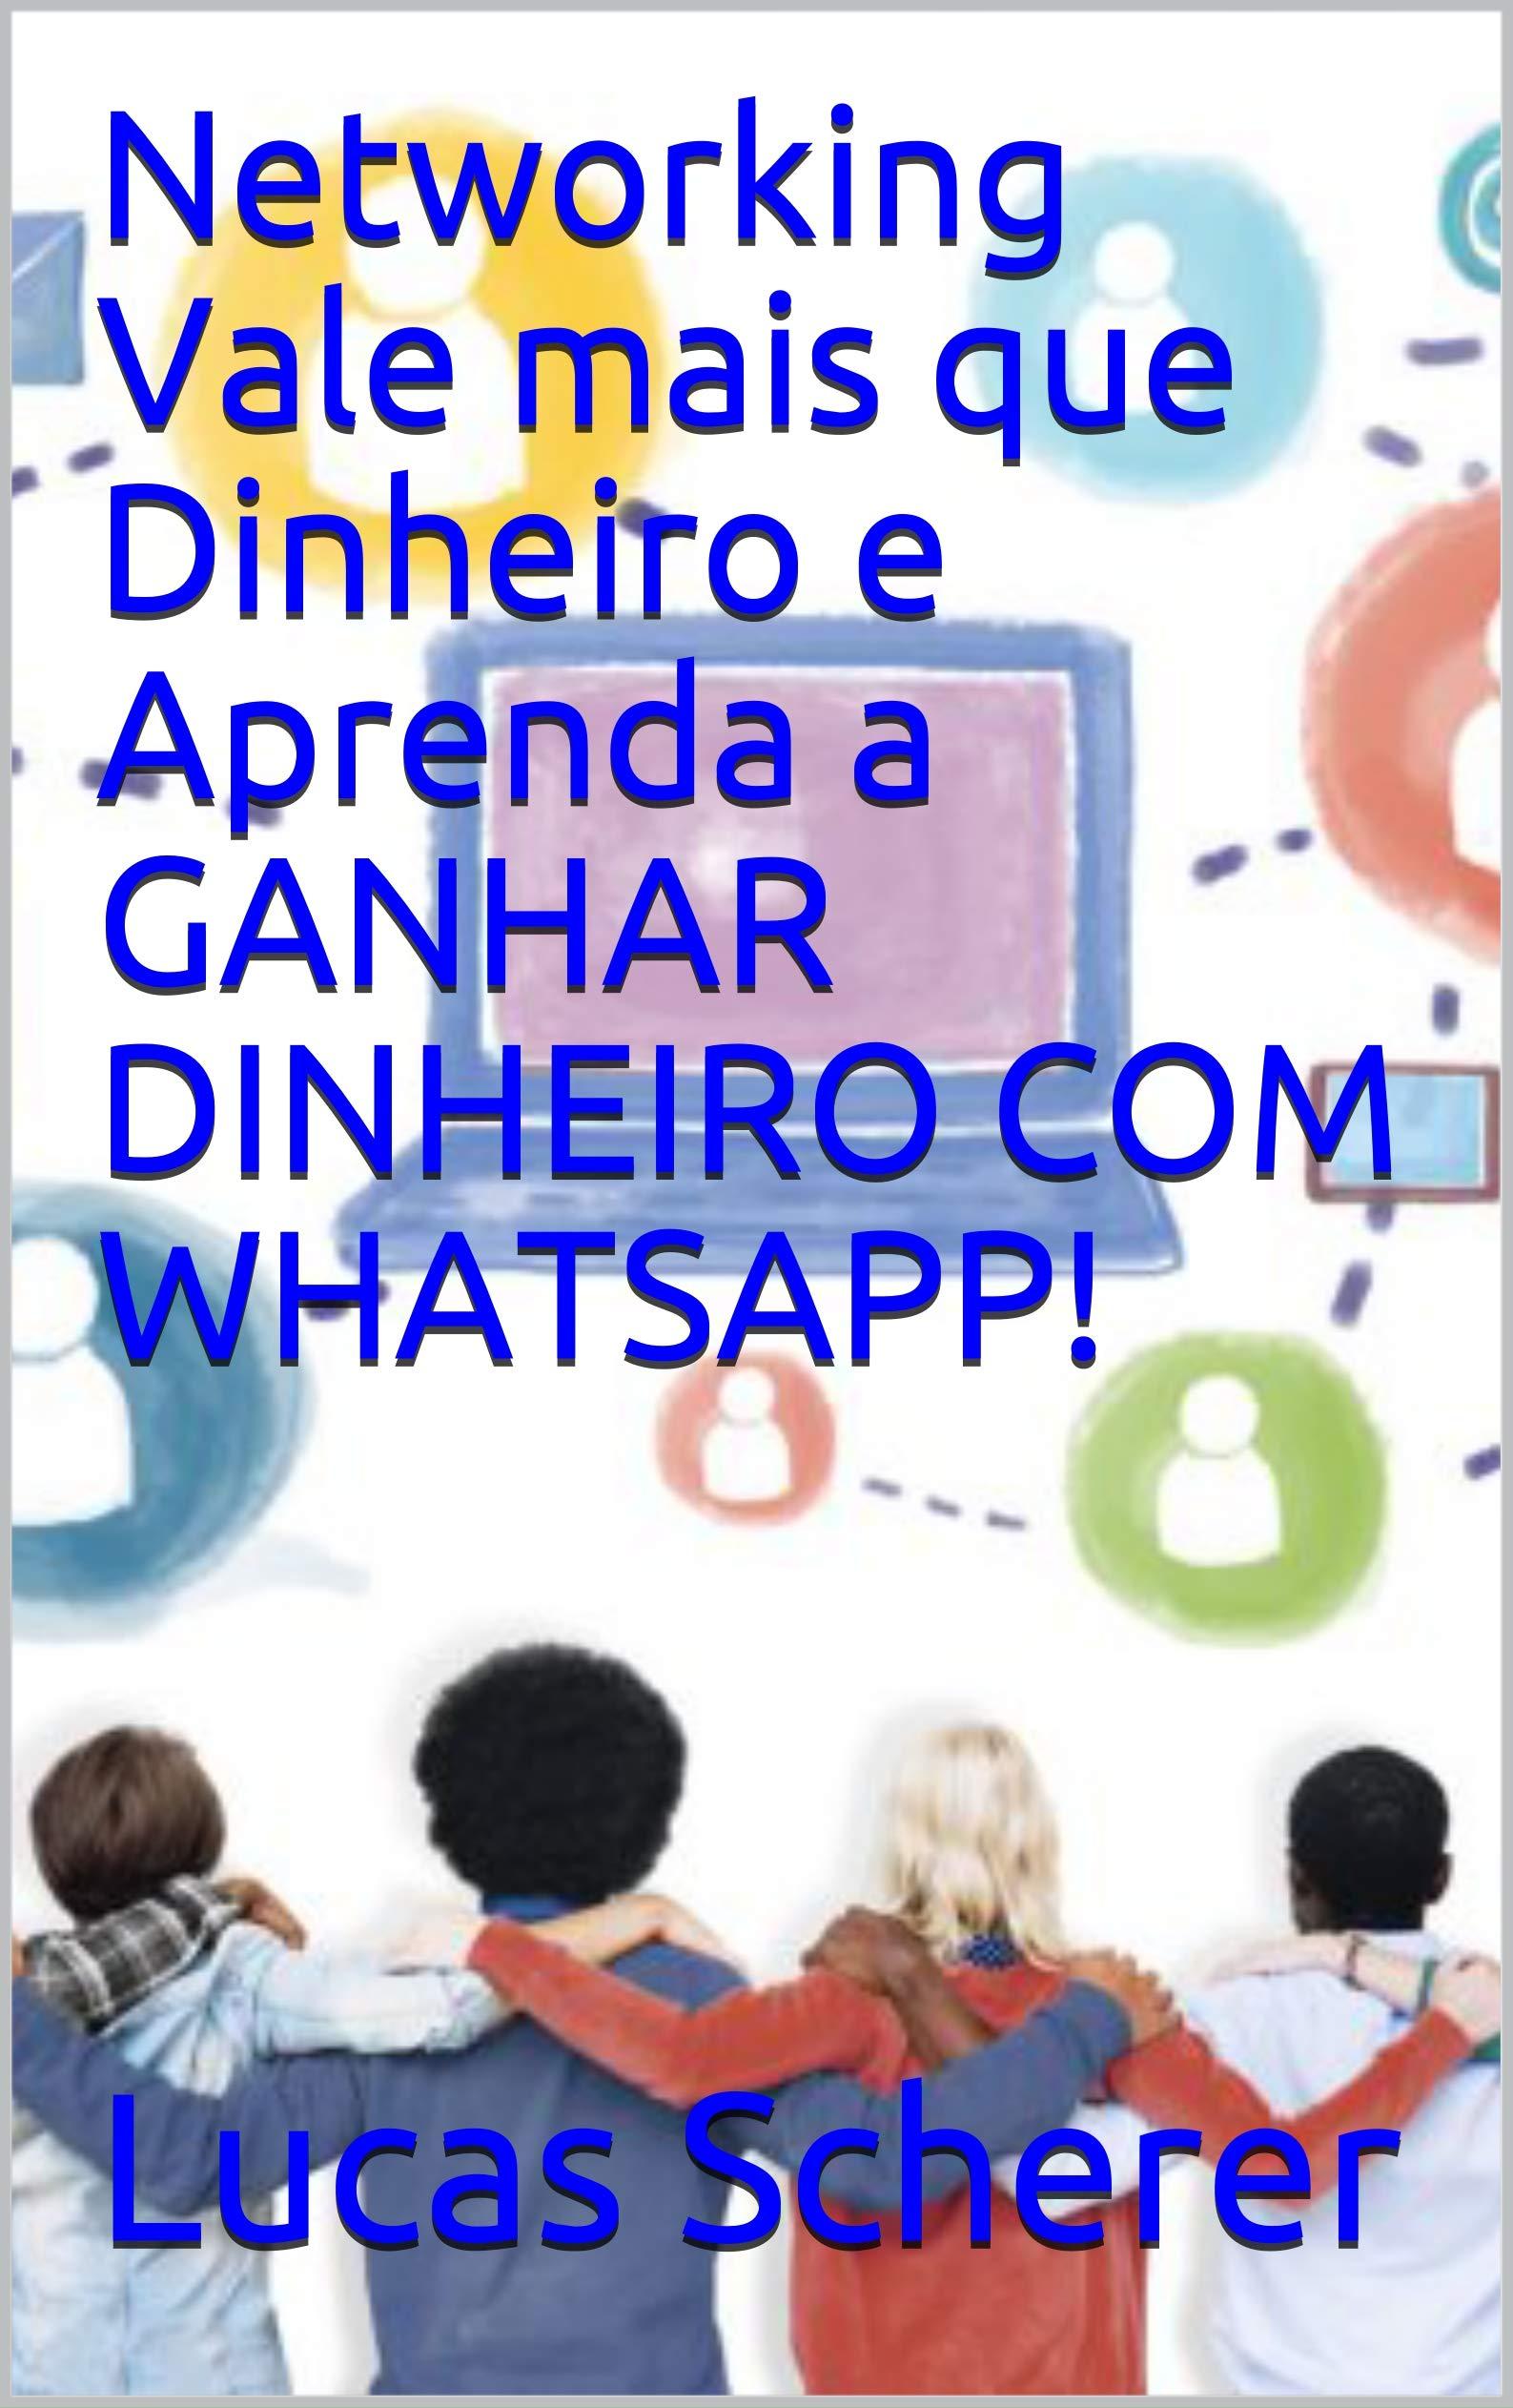 Networking Vale mais que Dinheiro e Aprenda a GANHAR DINHEIRO COM WHATSAPP! (Portuguese Edition)